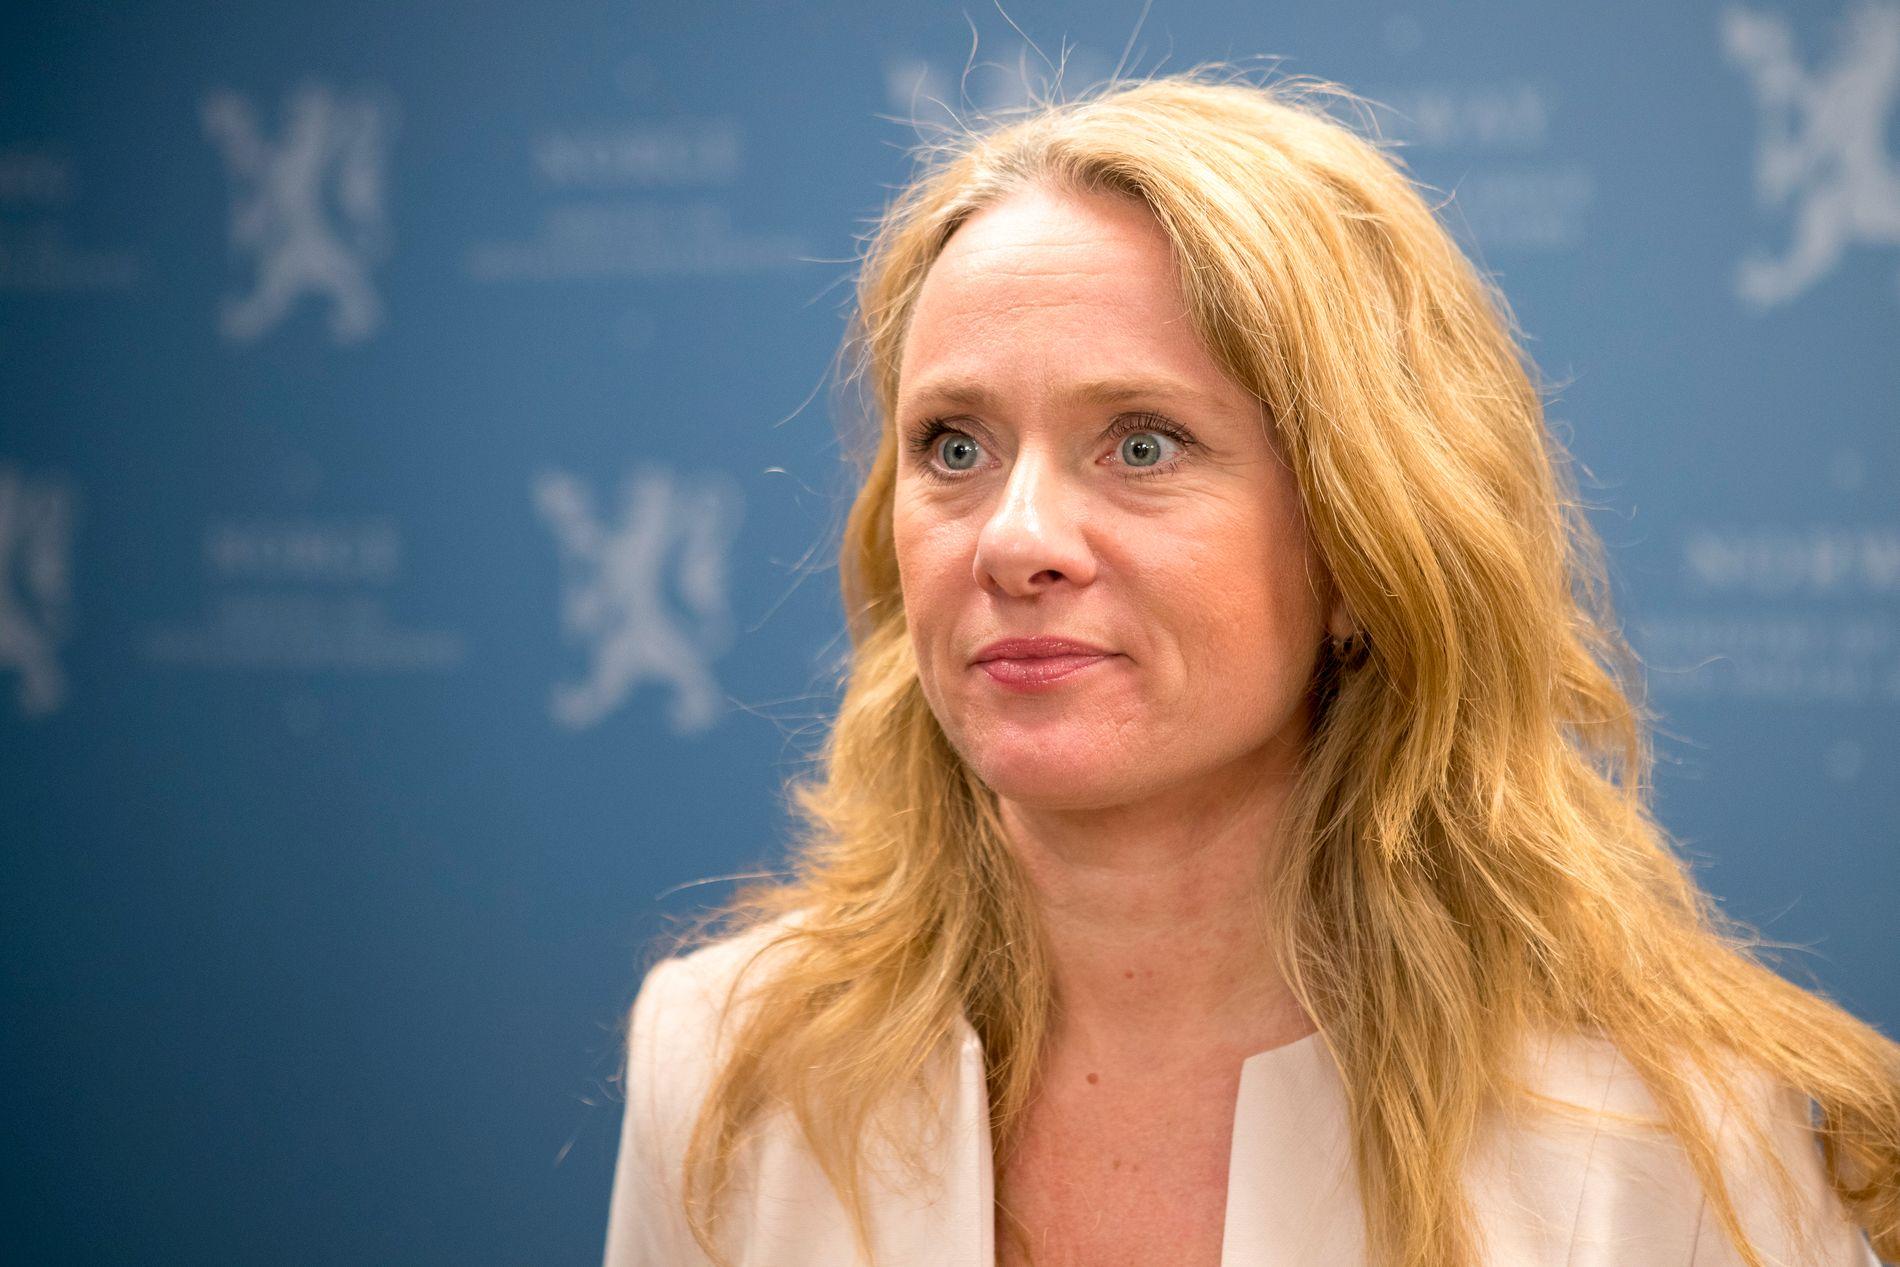 TYDELIG: Arbeids- og sosialminister Anniken Hauglie (H) sier hennes budskap er helt klart: «Ingen effektivisering og kostnadskutt skal gå på bekostning av helse, miljø og sikkerhet».